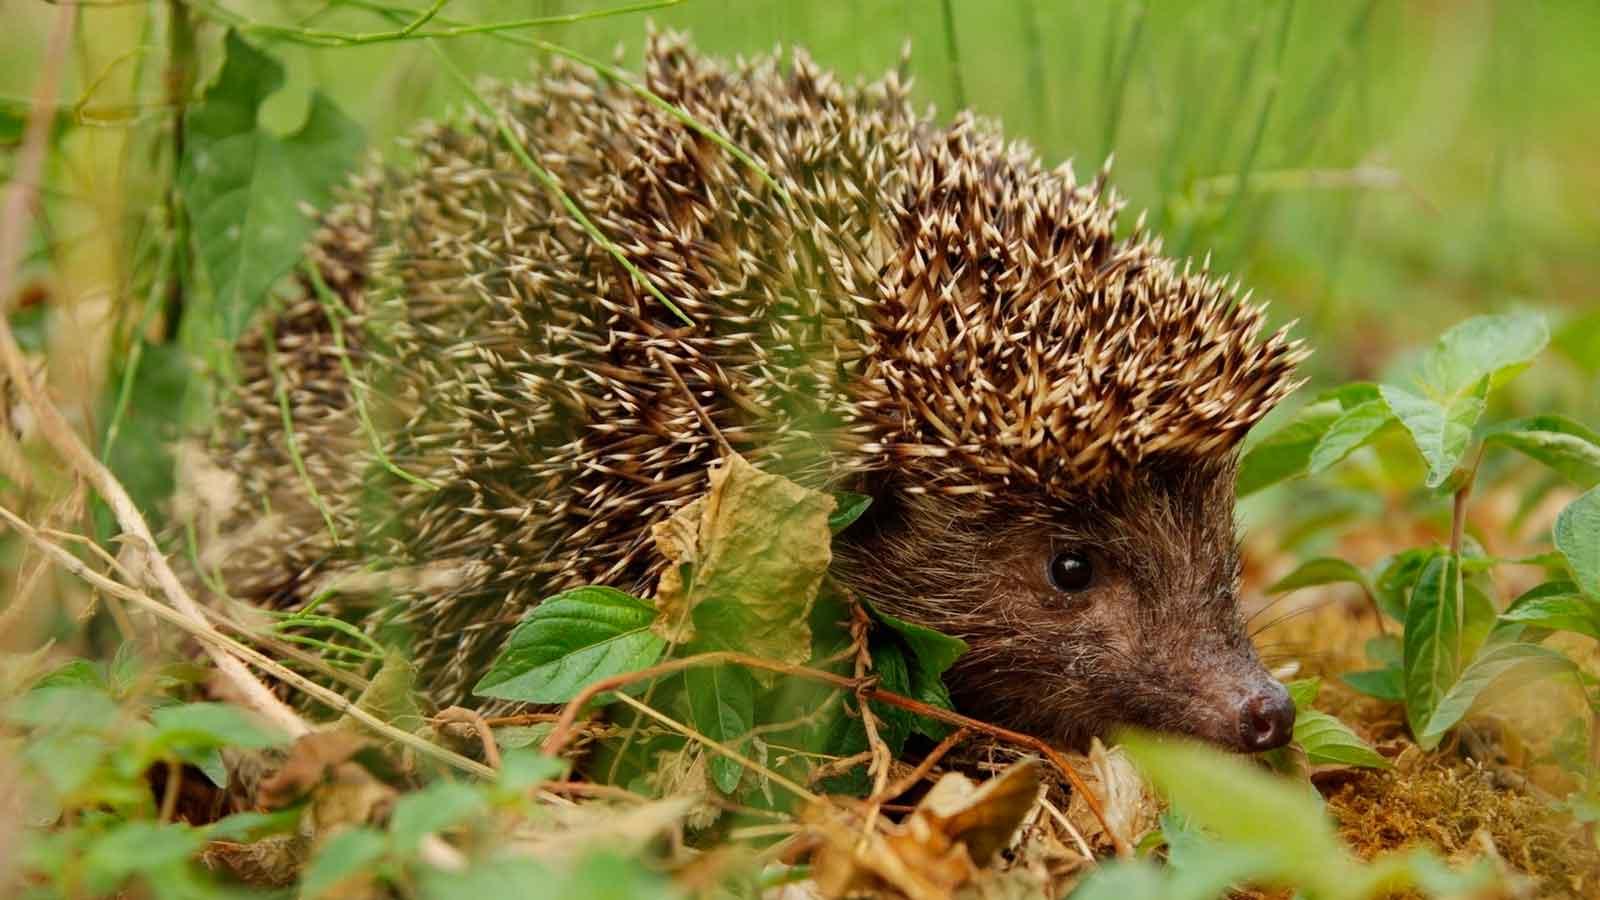 Їжаки опинилися під загрозою зникнення - популяція диких тварин - 2005 ezh